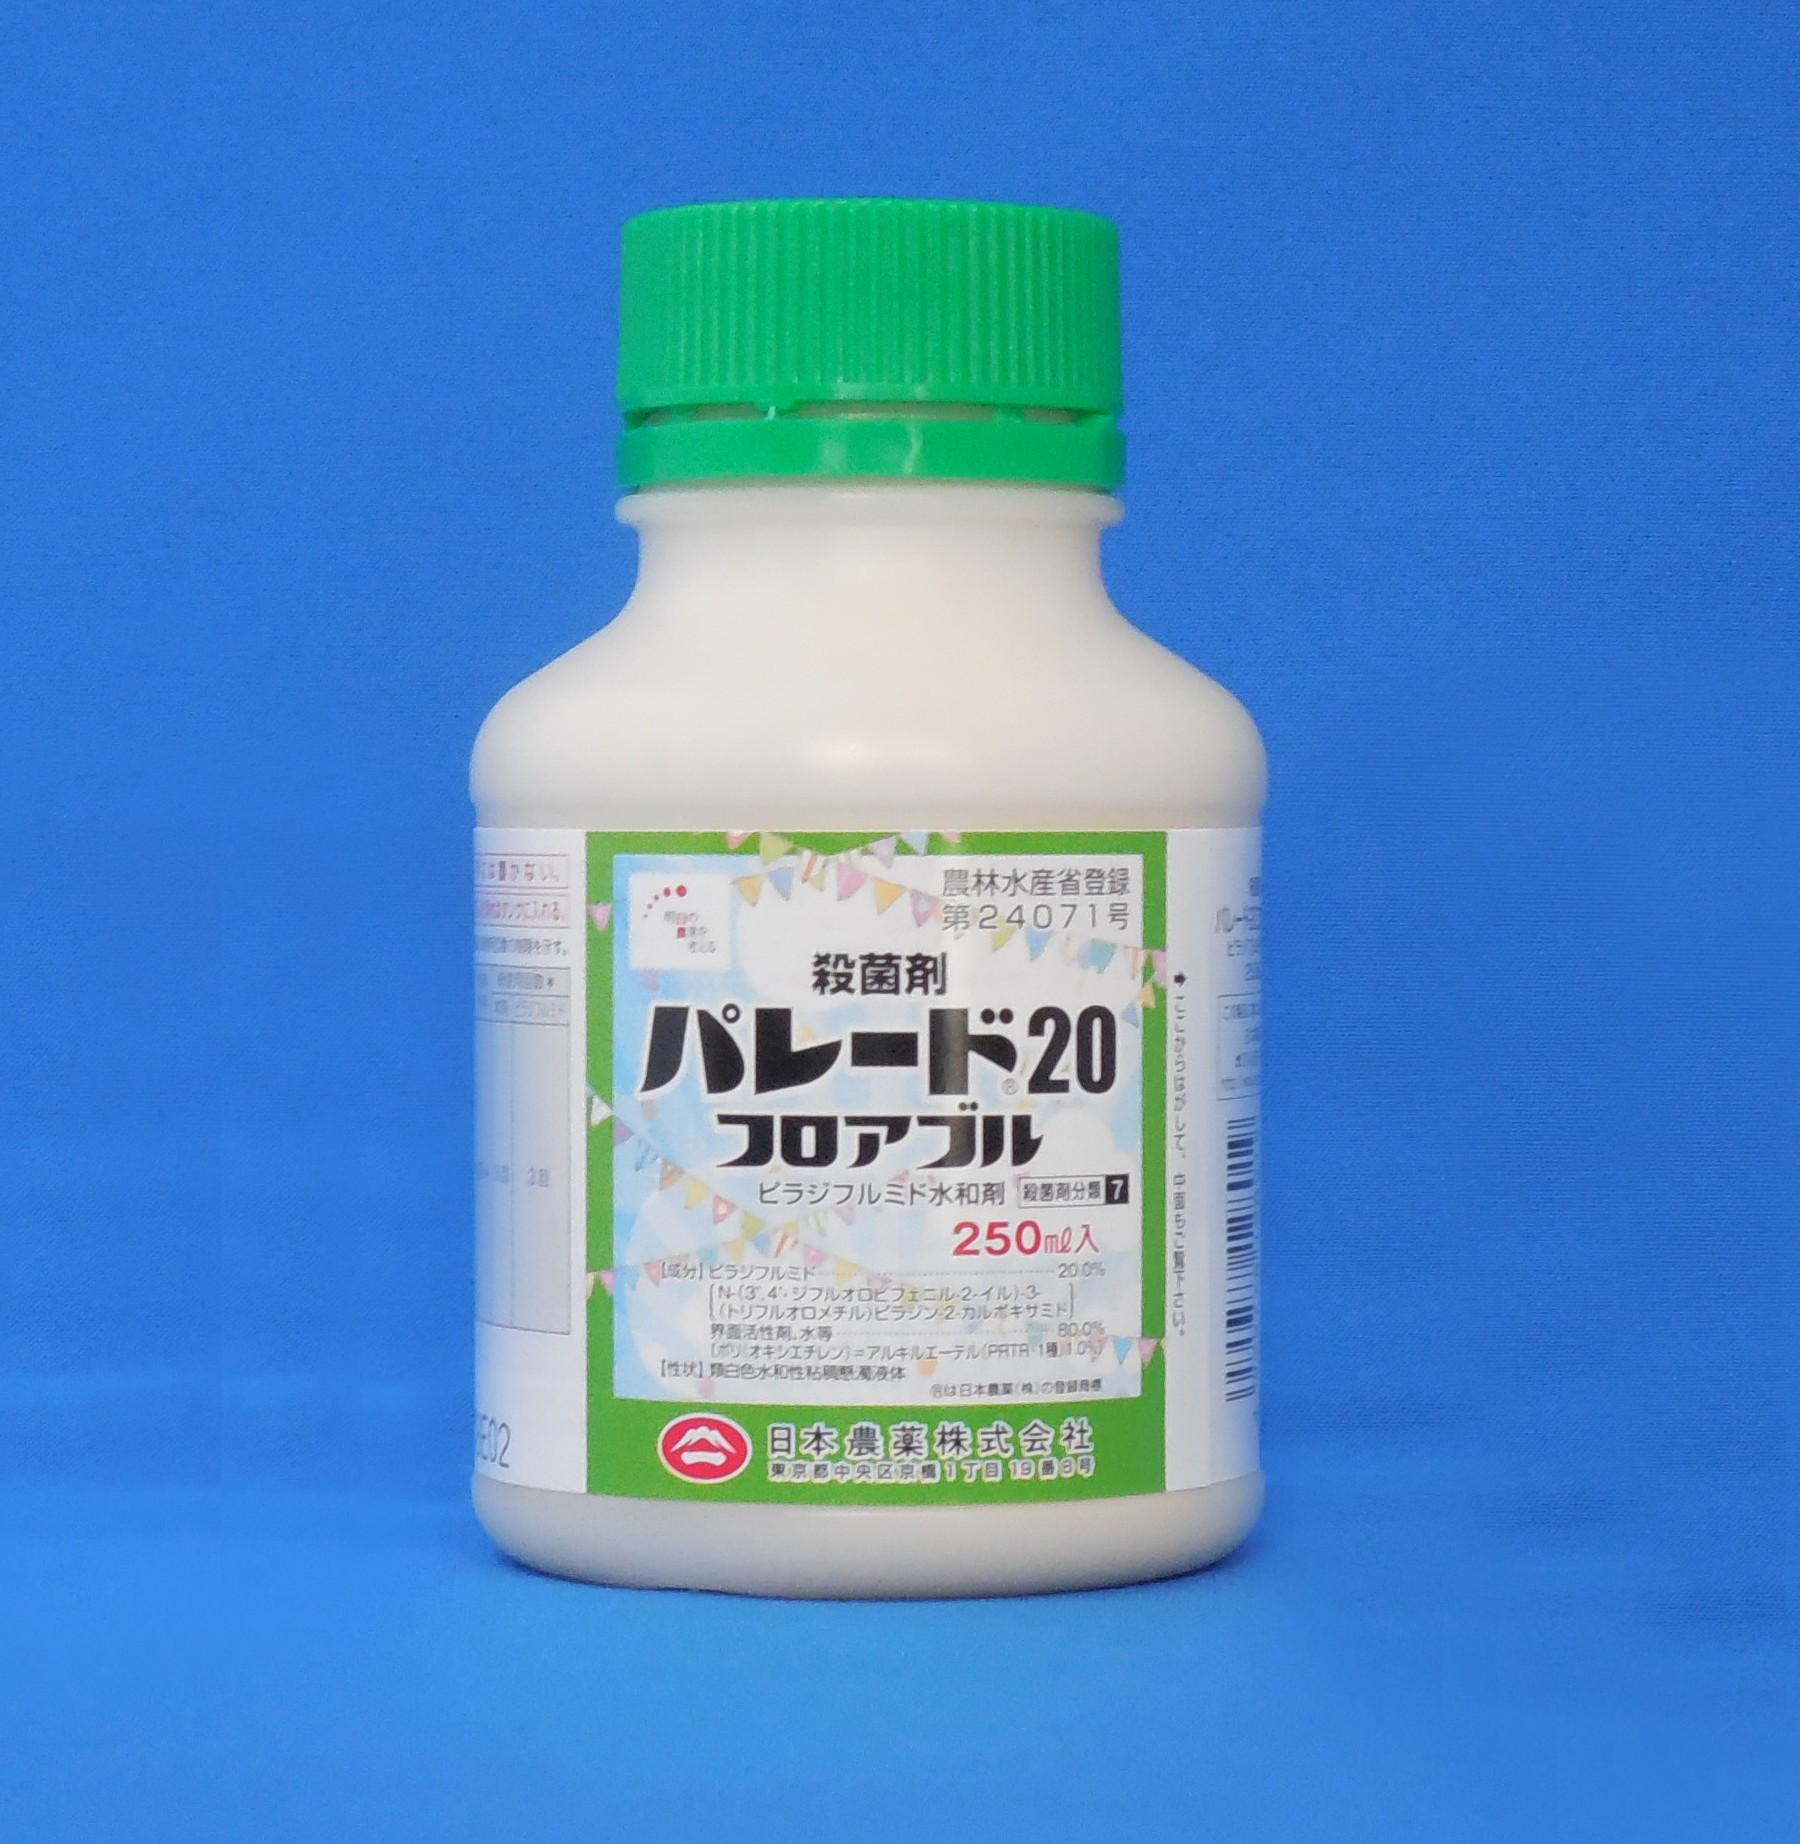 野菜用SDHI殺菌剤「パレード20フロアブル 250ml」